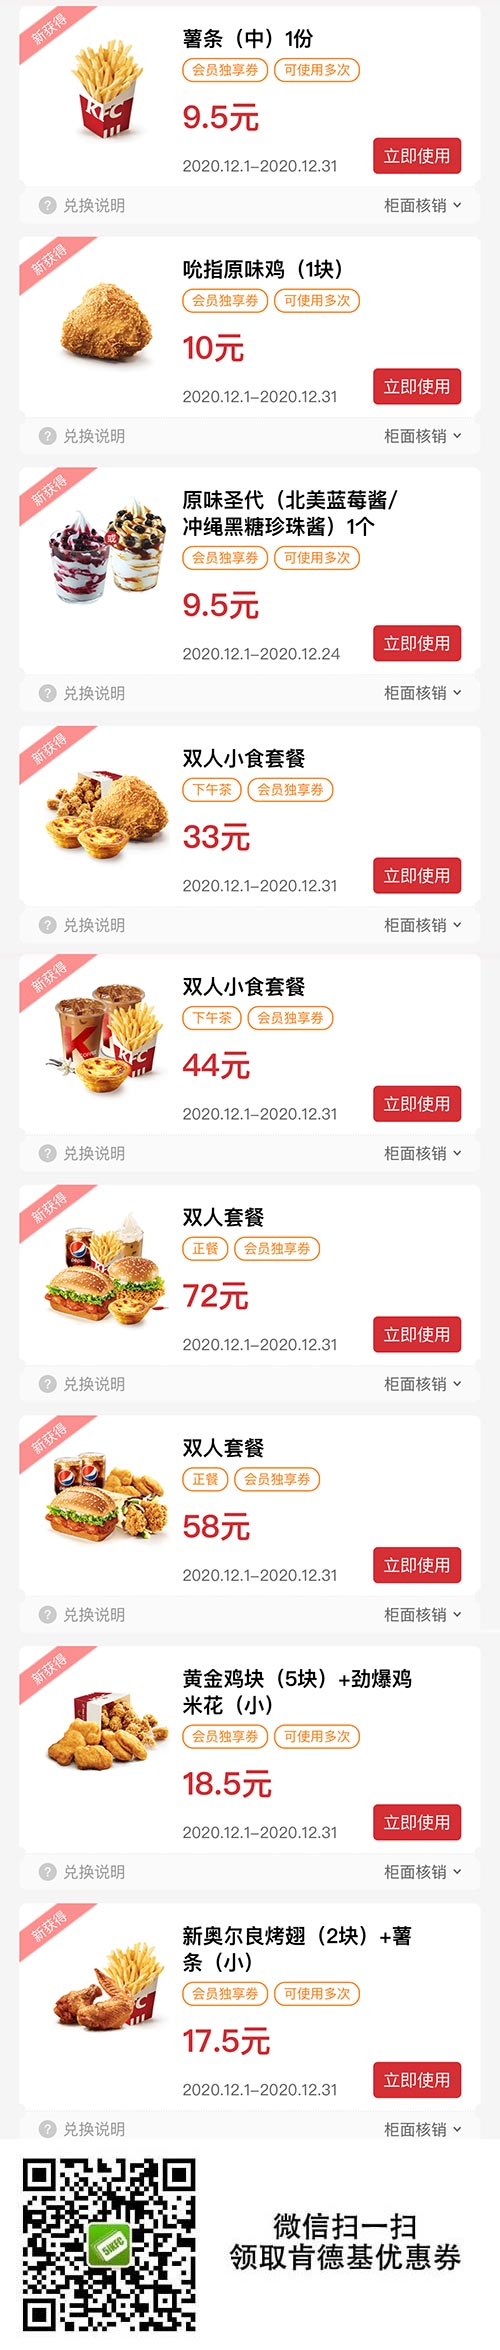 肯德基12月优惠券 圣代9.5元 烤翅薯条17.5元 双人餐58元起